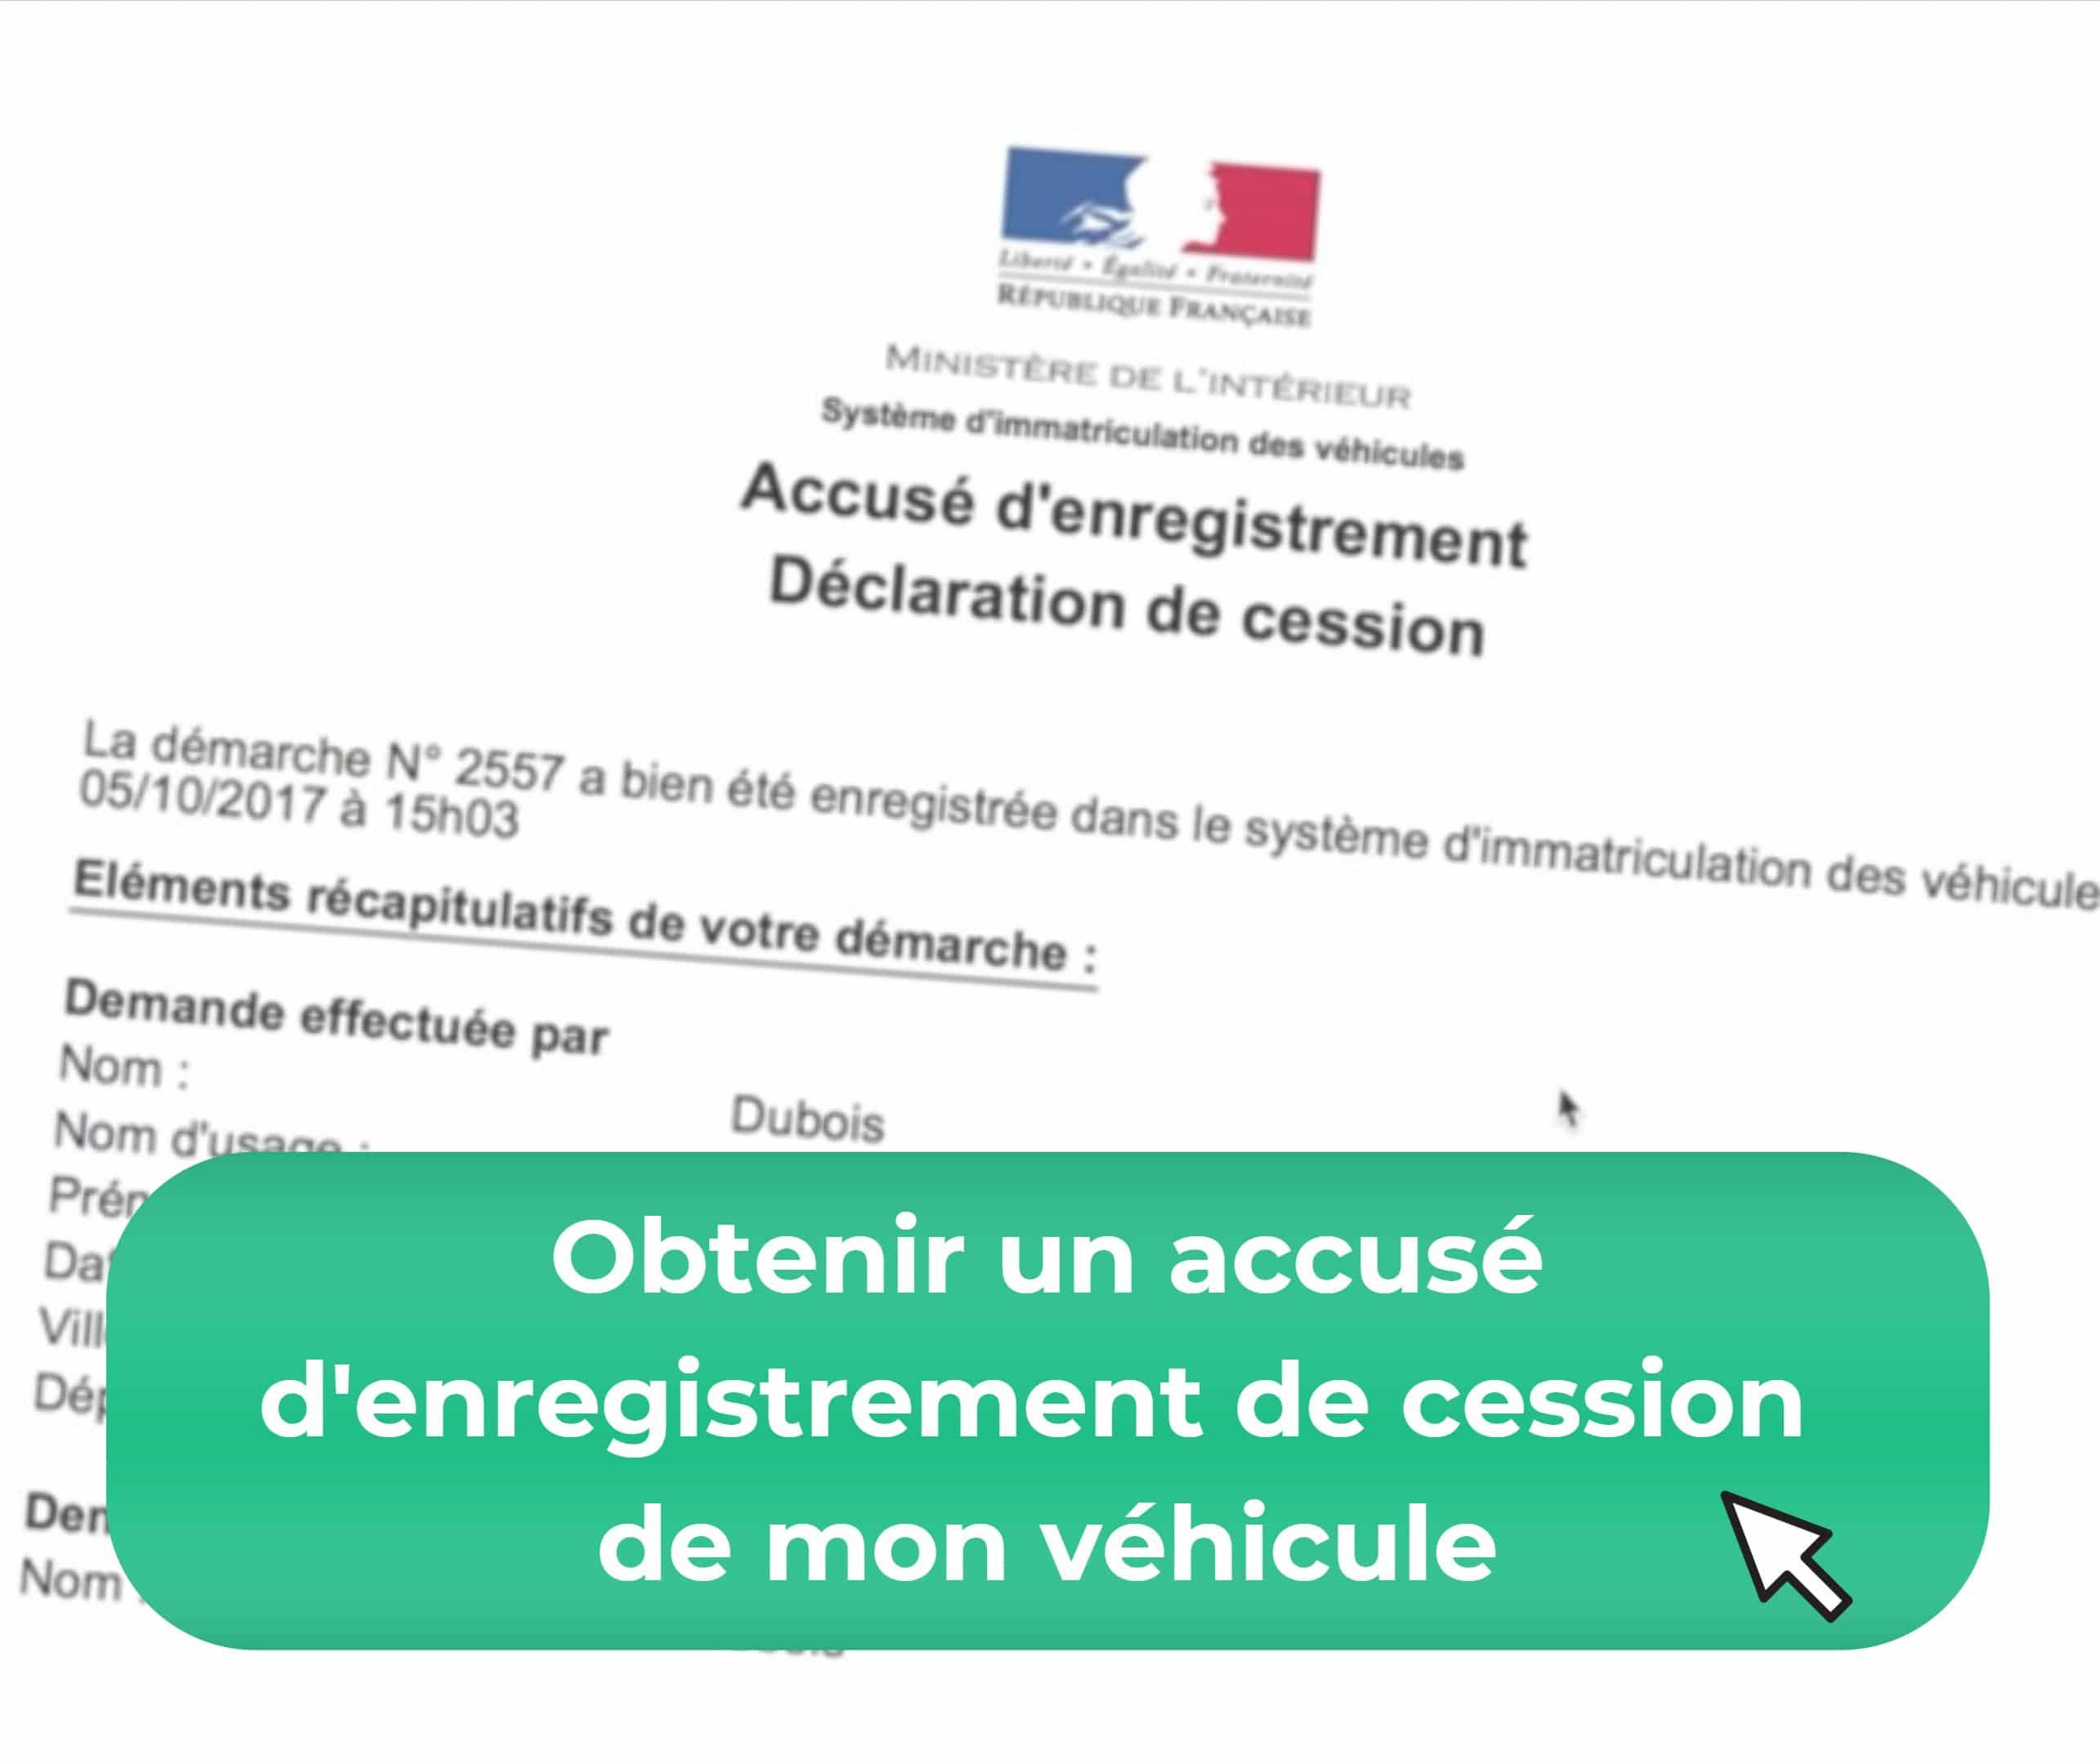 accusé d'enregistrement de cession de véhicule